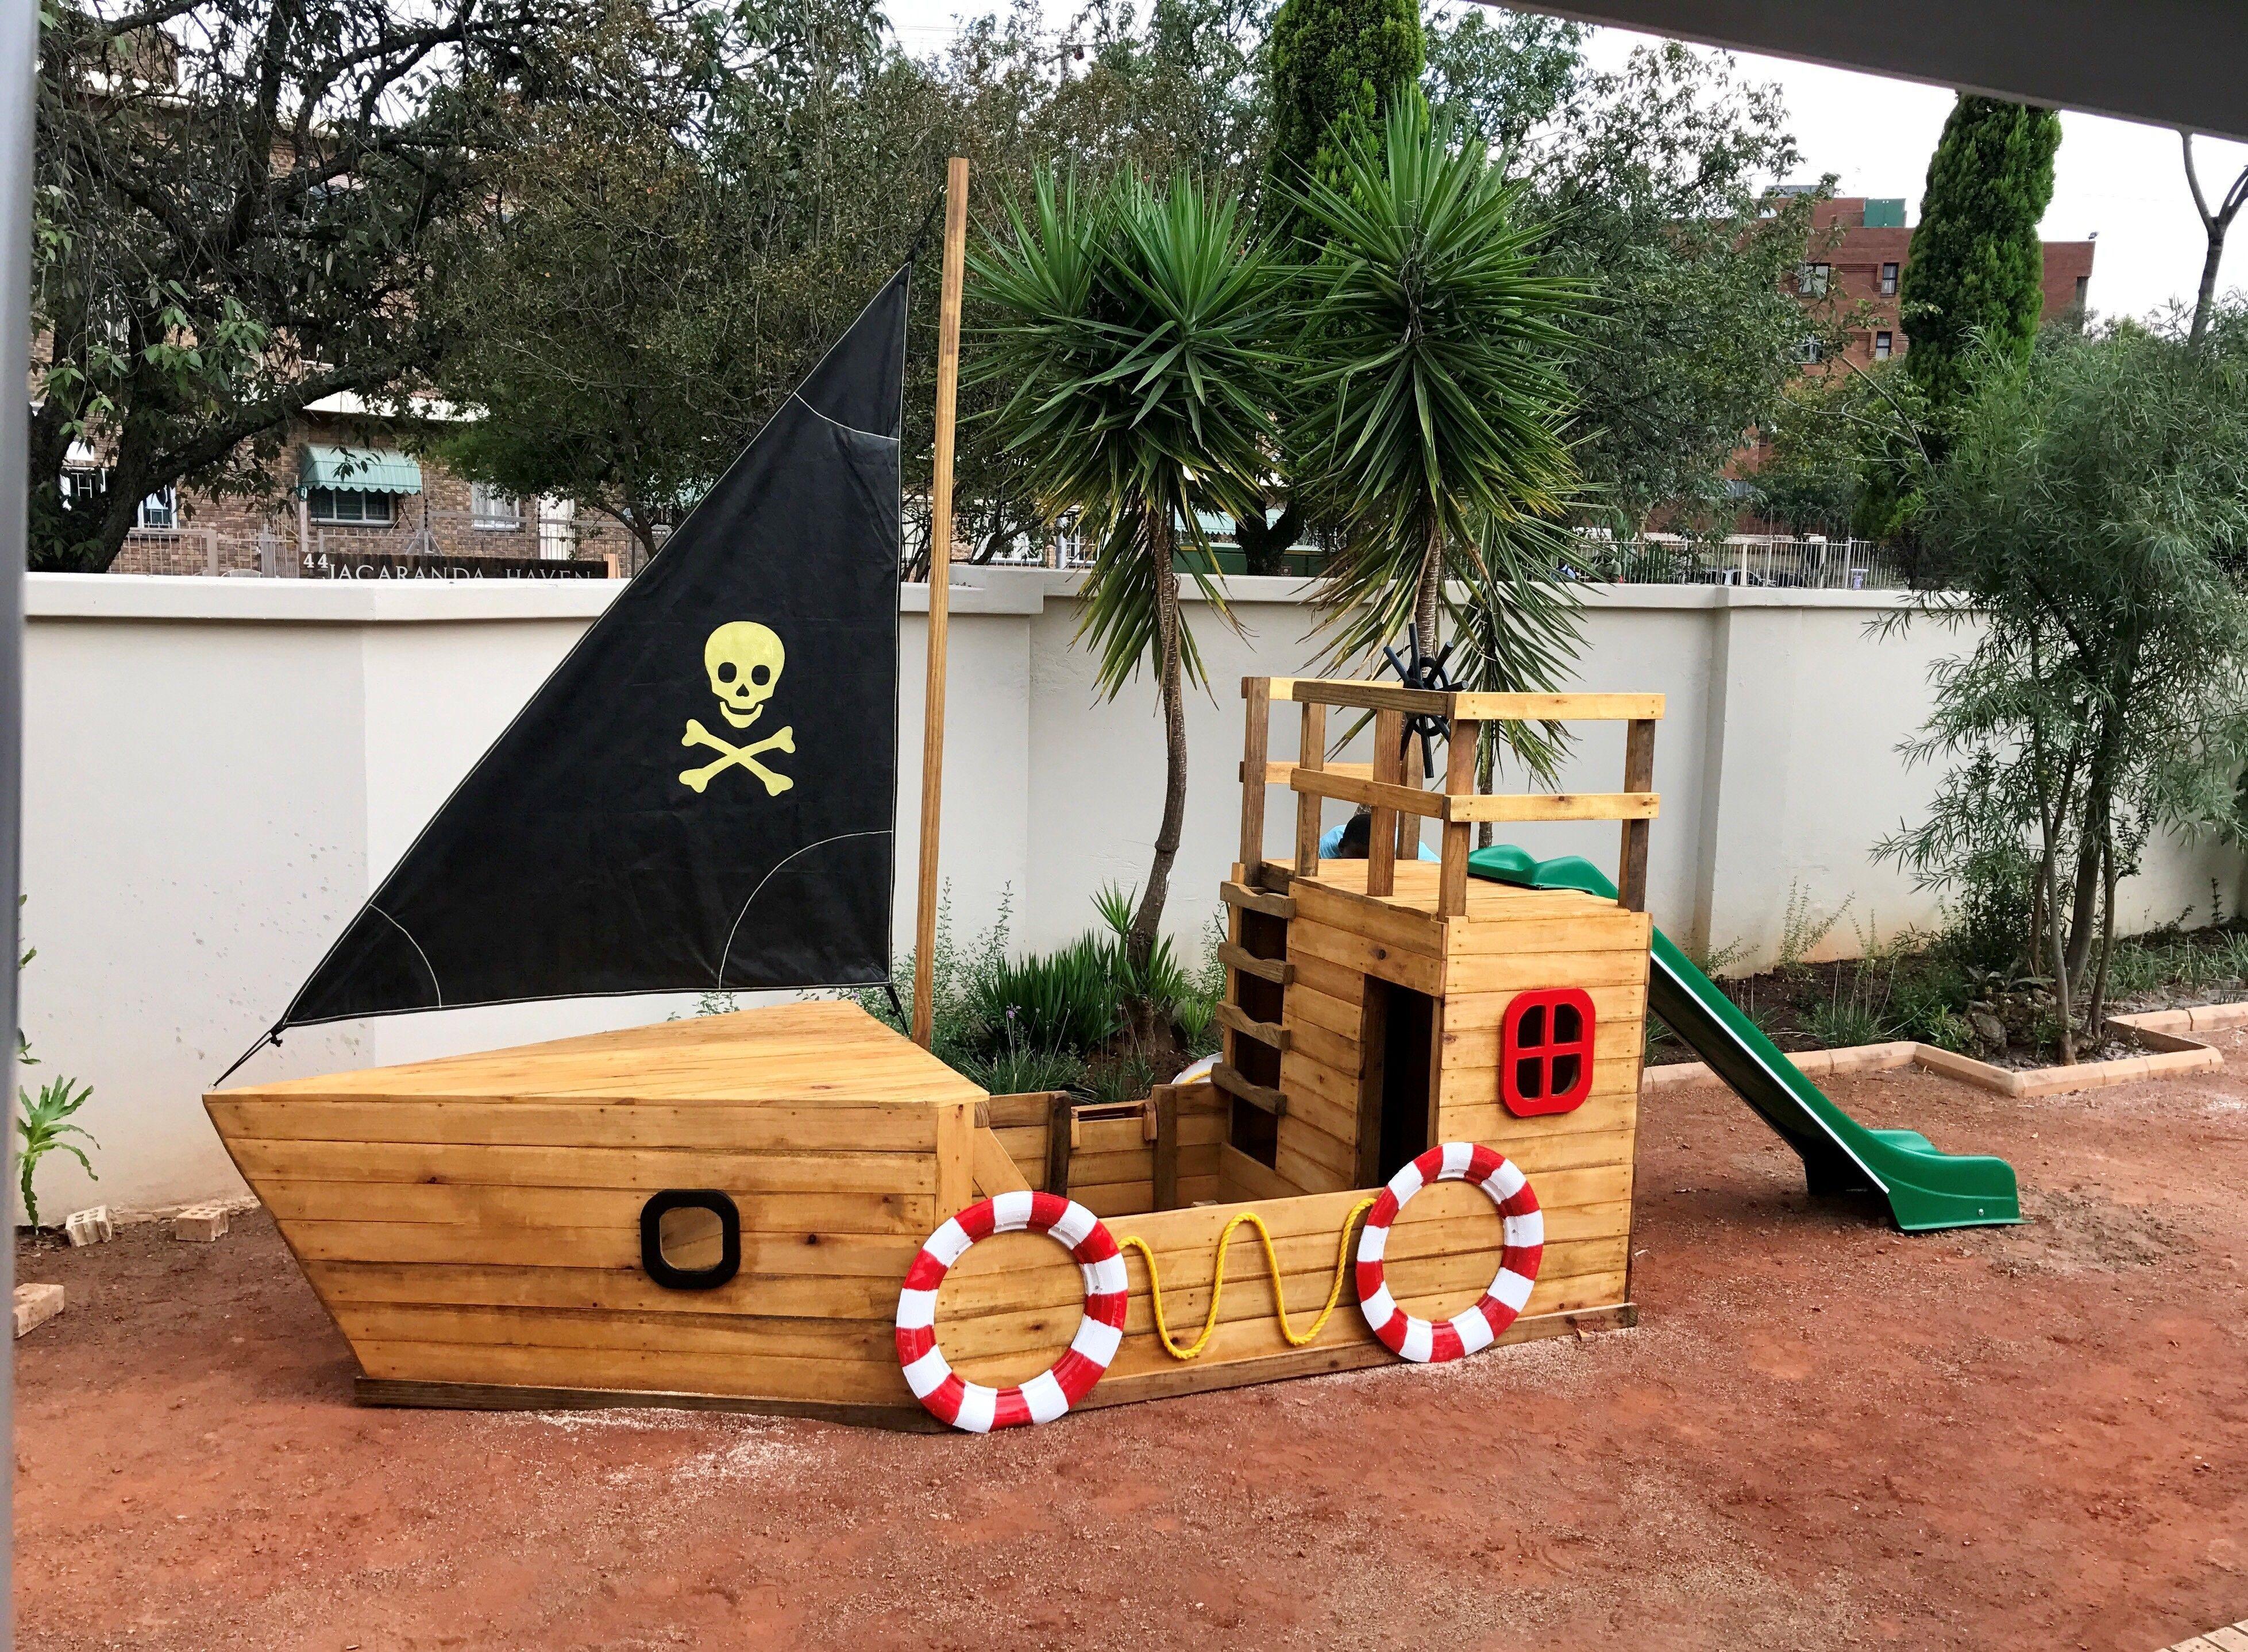 Diy Anleitung Einfach Garten Gestalten Spielplatz Kinder Sandkasten Piratenschiff Selberbauen Diy S Sandkasten Piratenschiff Spielplatz Kinder Sandkasten